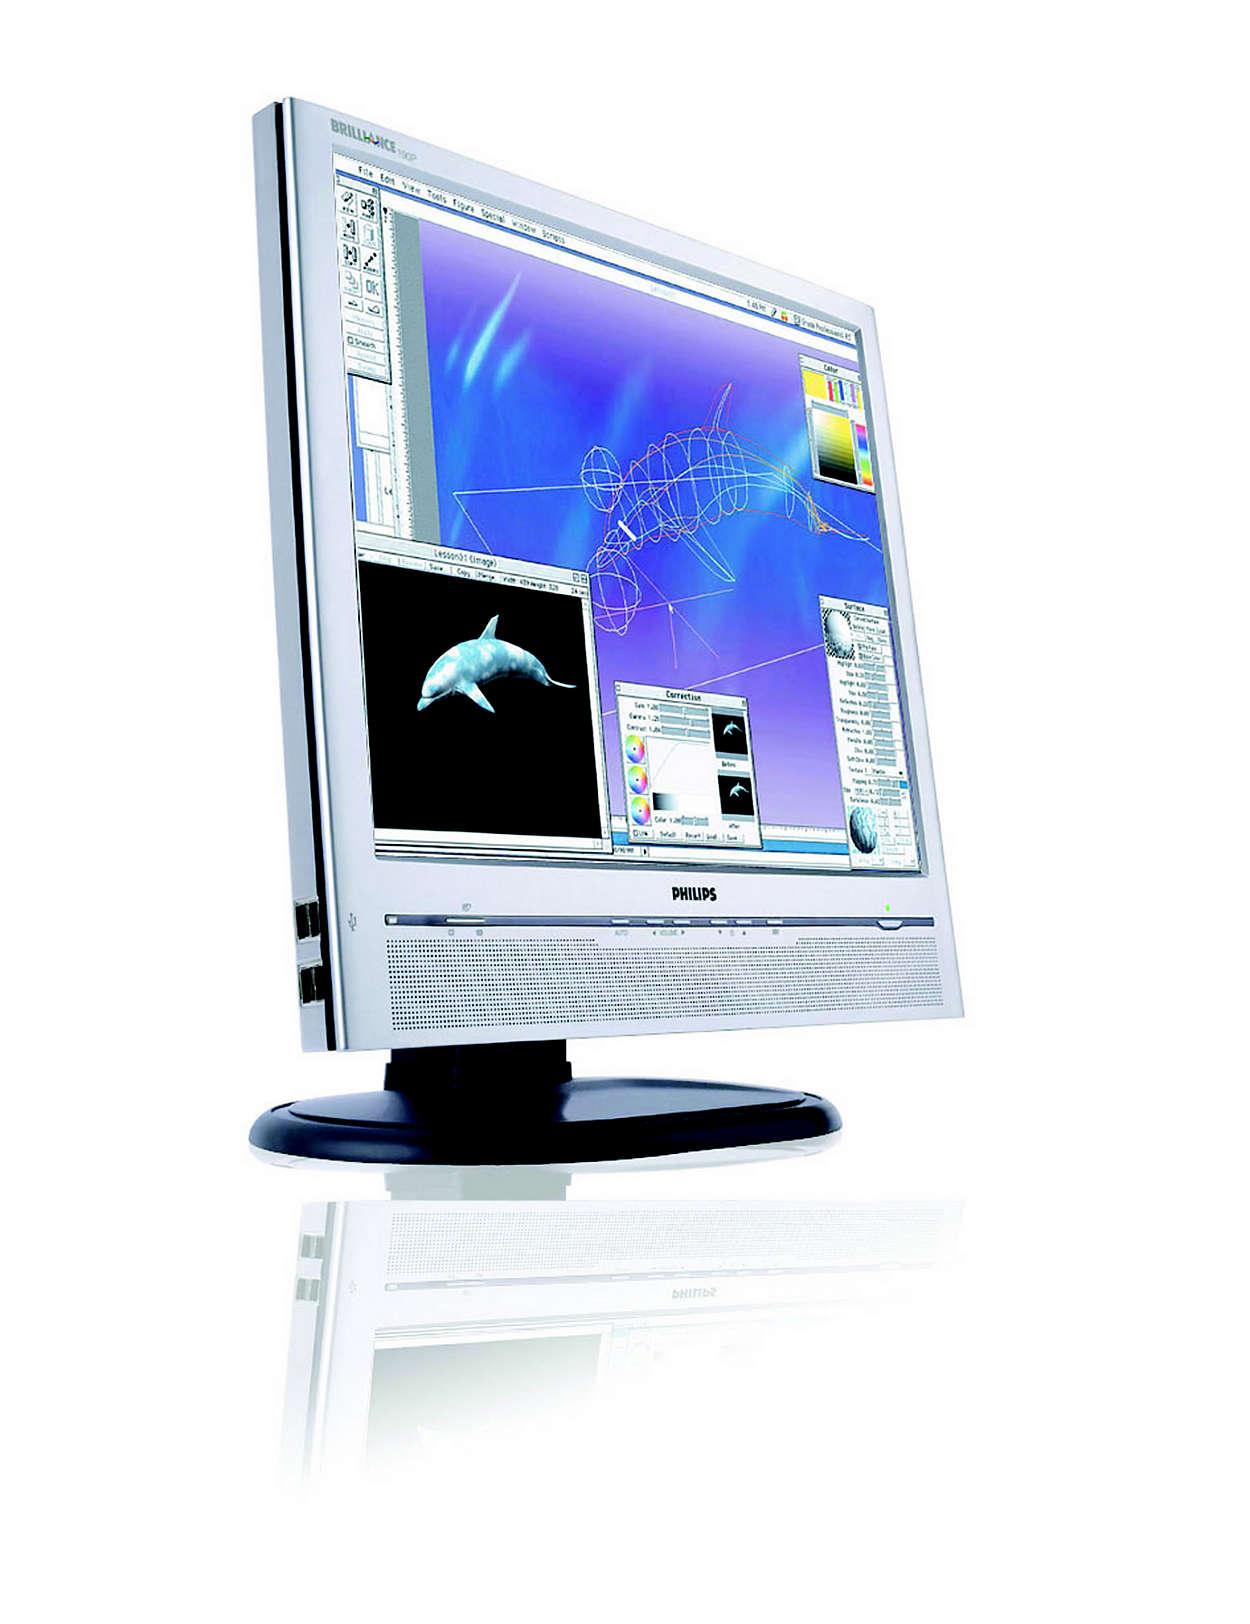 överlägsen, storbildskärm för professionell användning